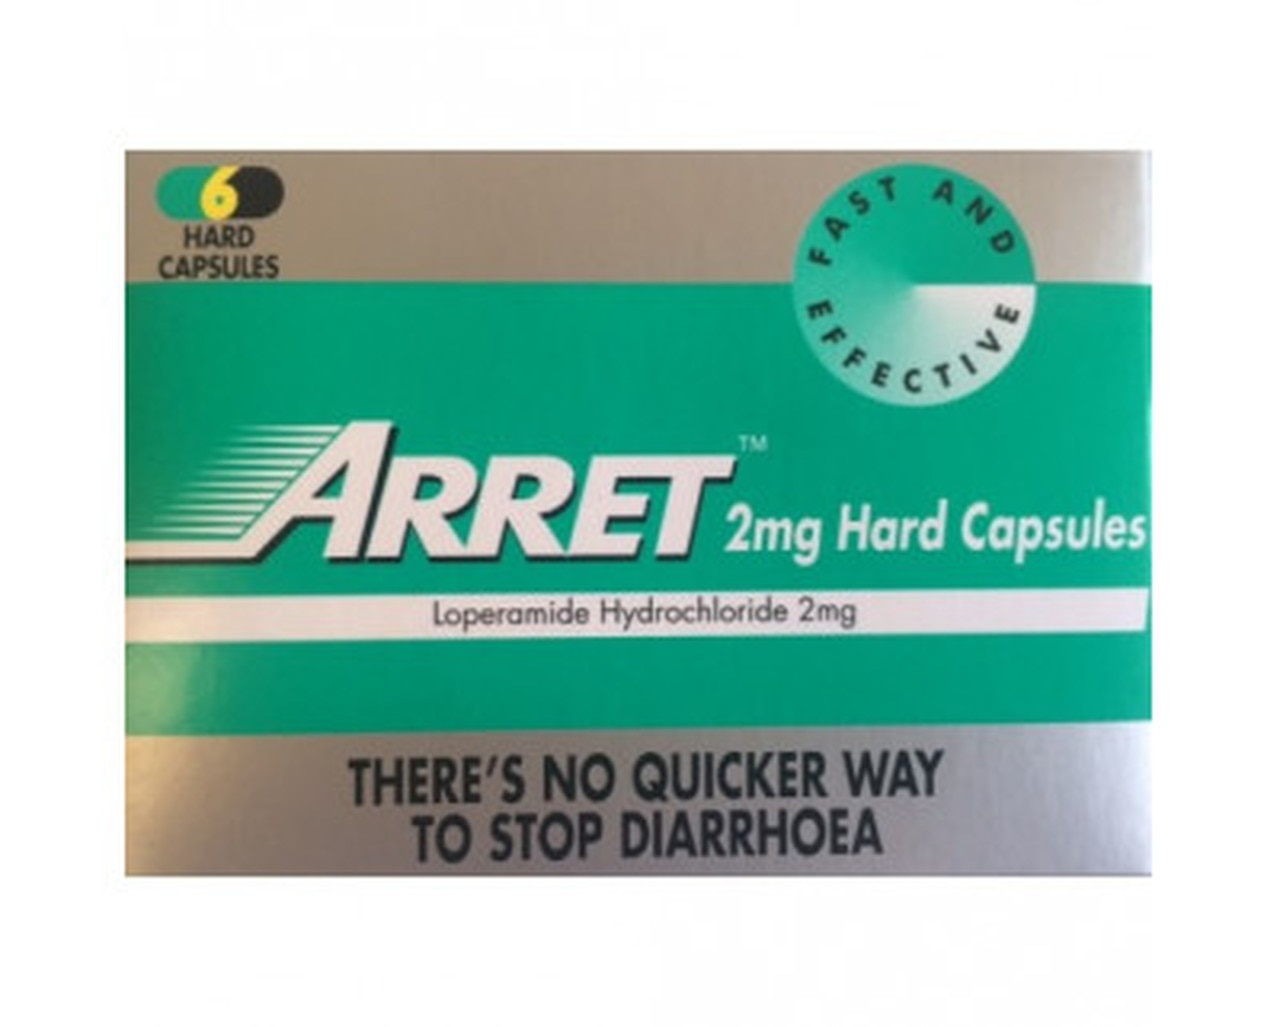 ARRET 2MG CAPS